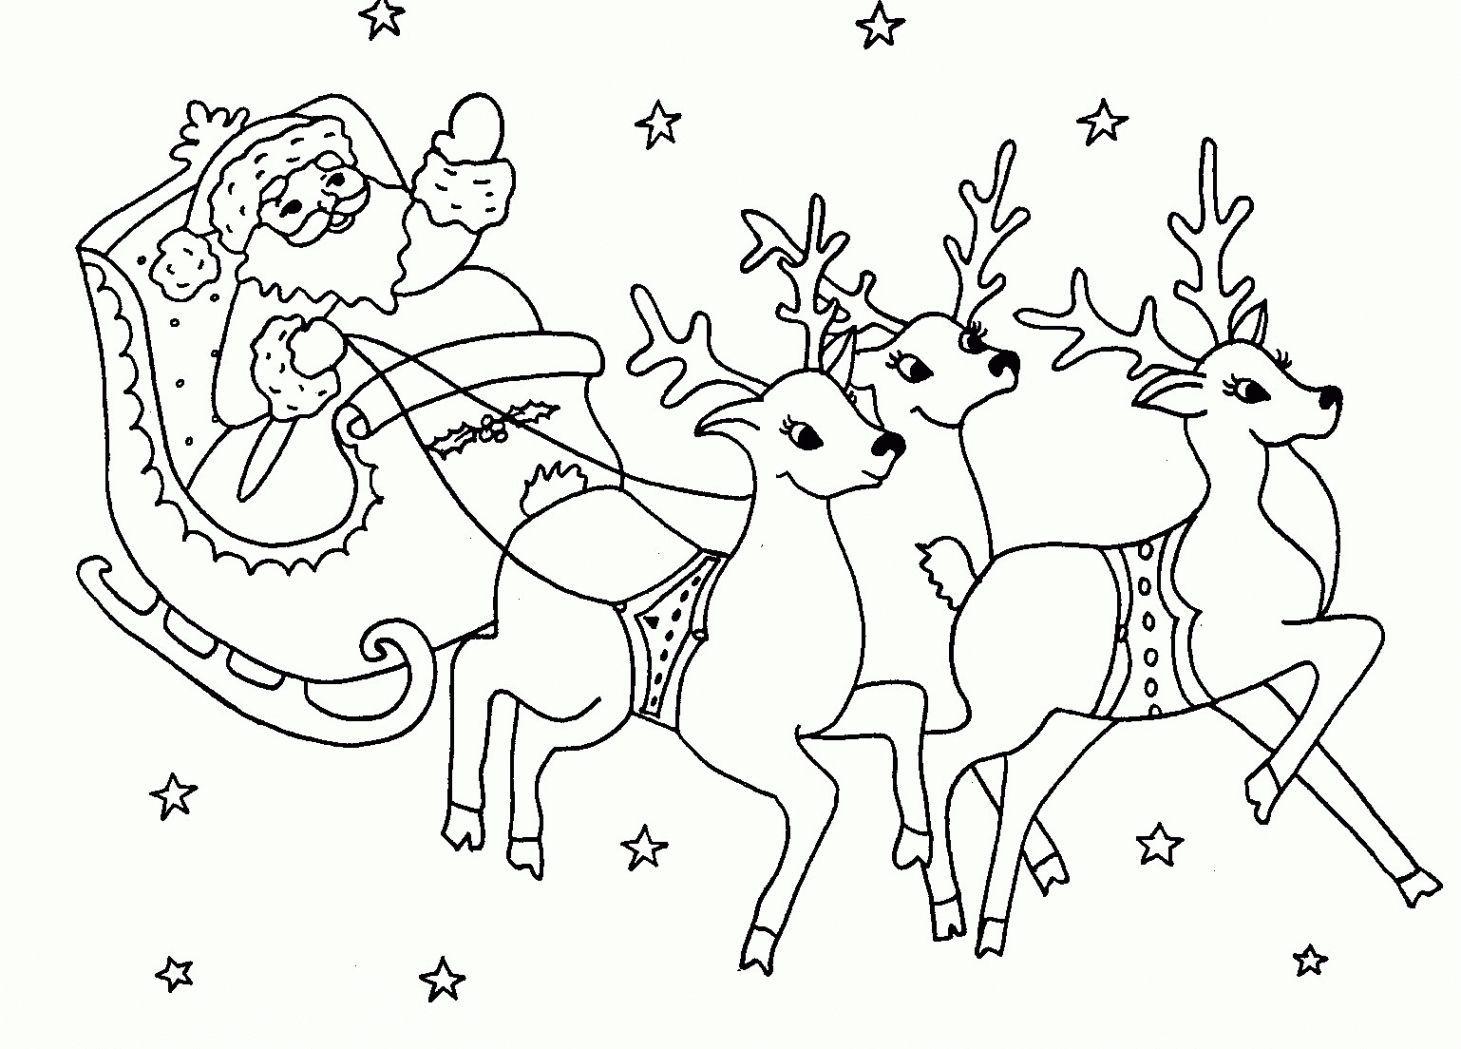 Dessins À Colorier De Noel Gratuit - Kbacha | Kbacha destiné Dessin A Imprimer Pere Noel Gratuit